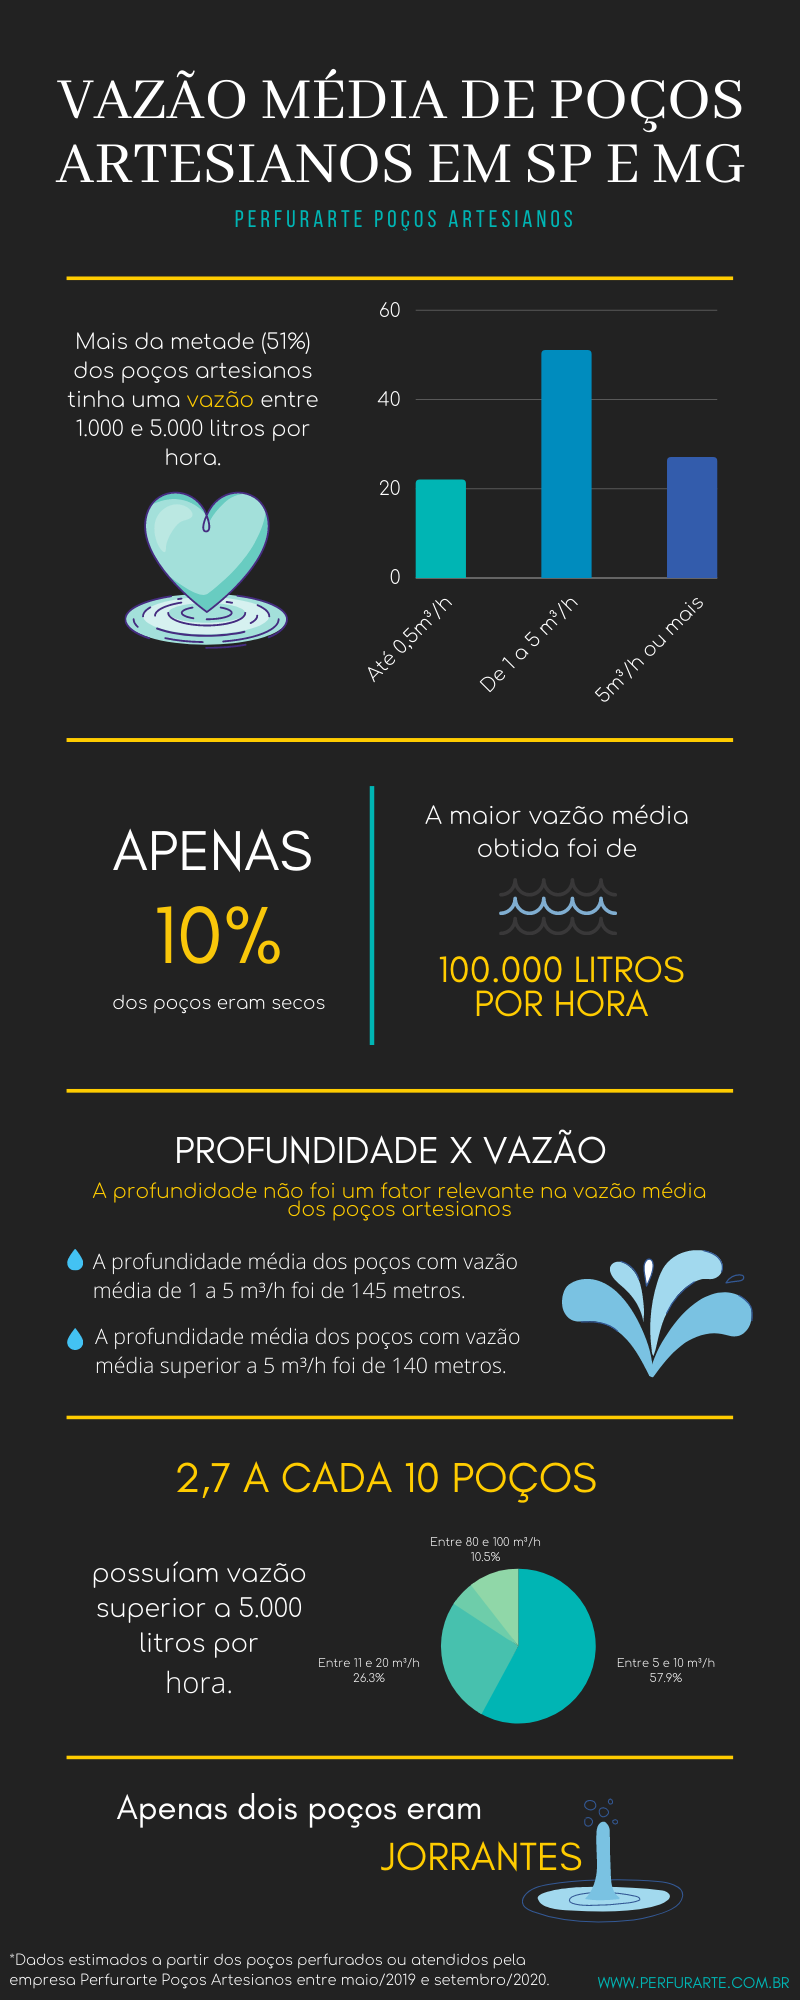 Infográfico com diversas estatísticas sobre a vazão média de poços artesianos em SP e MG a partir de dados coletados pela empresa Perfurarte